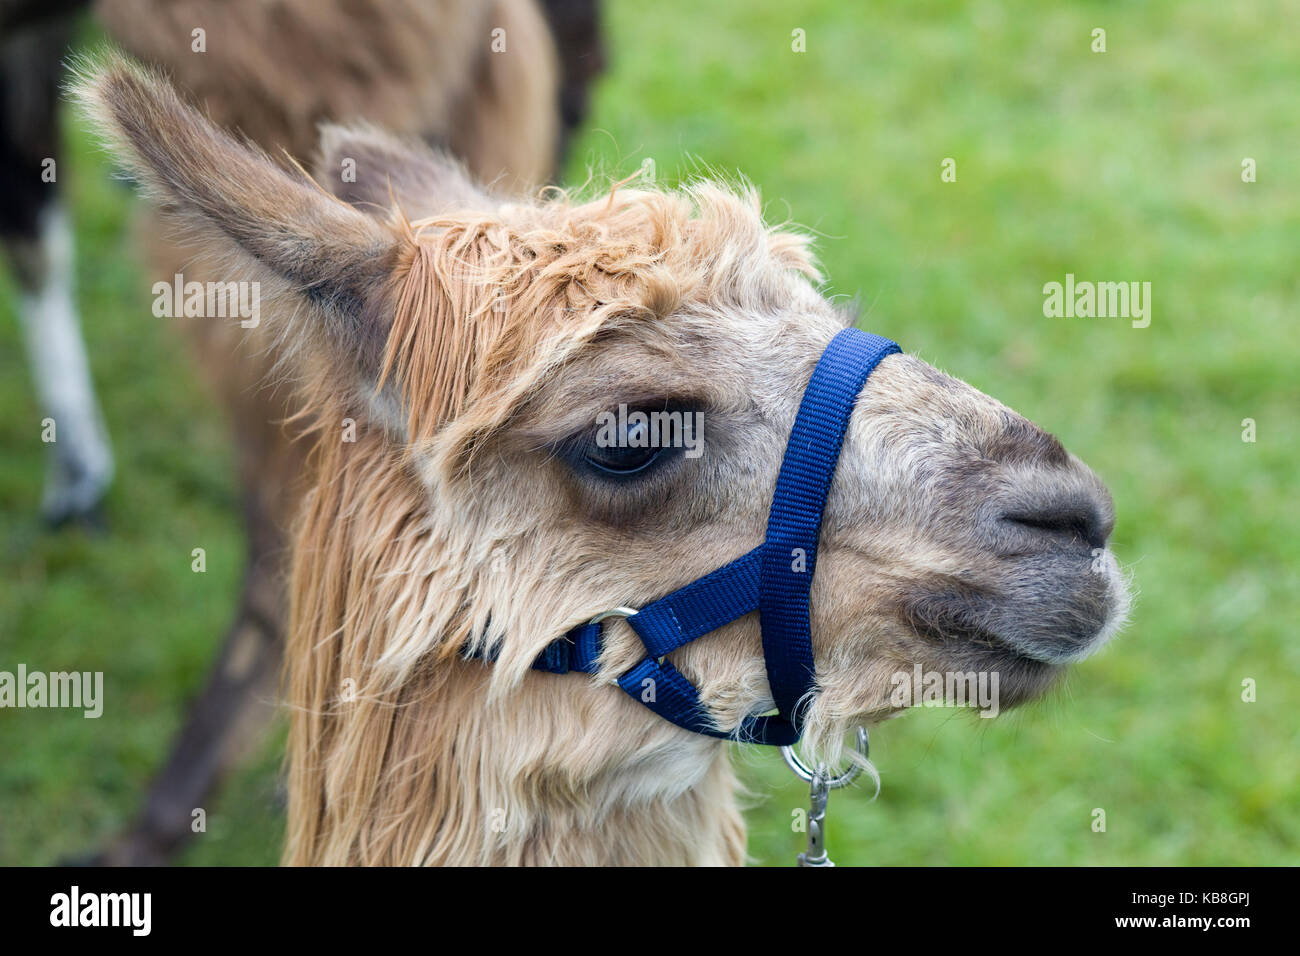 Llama at a showground - Stock Image